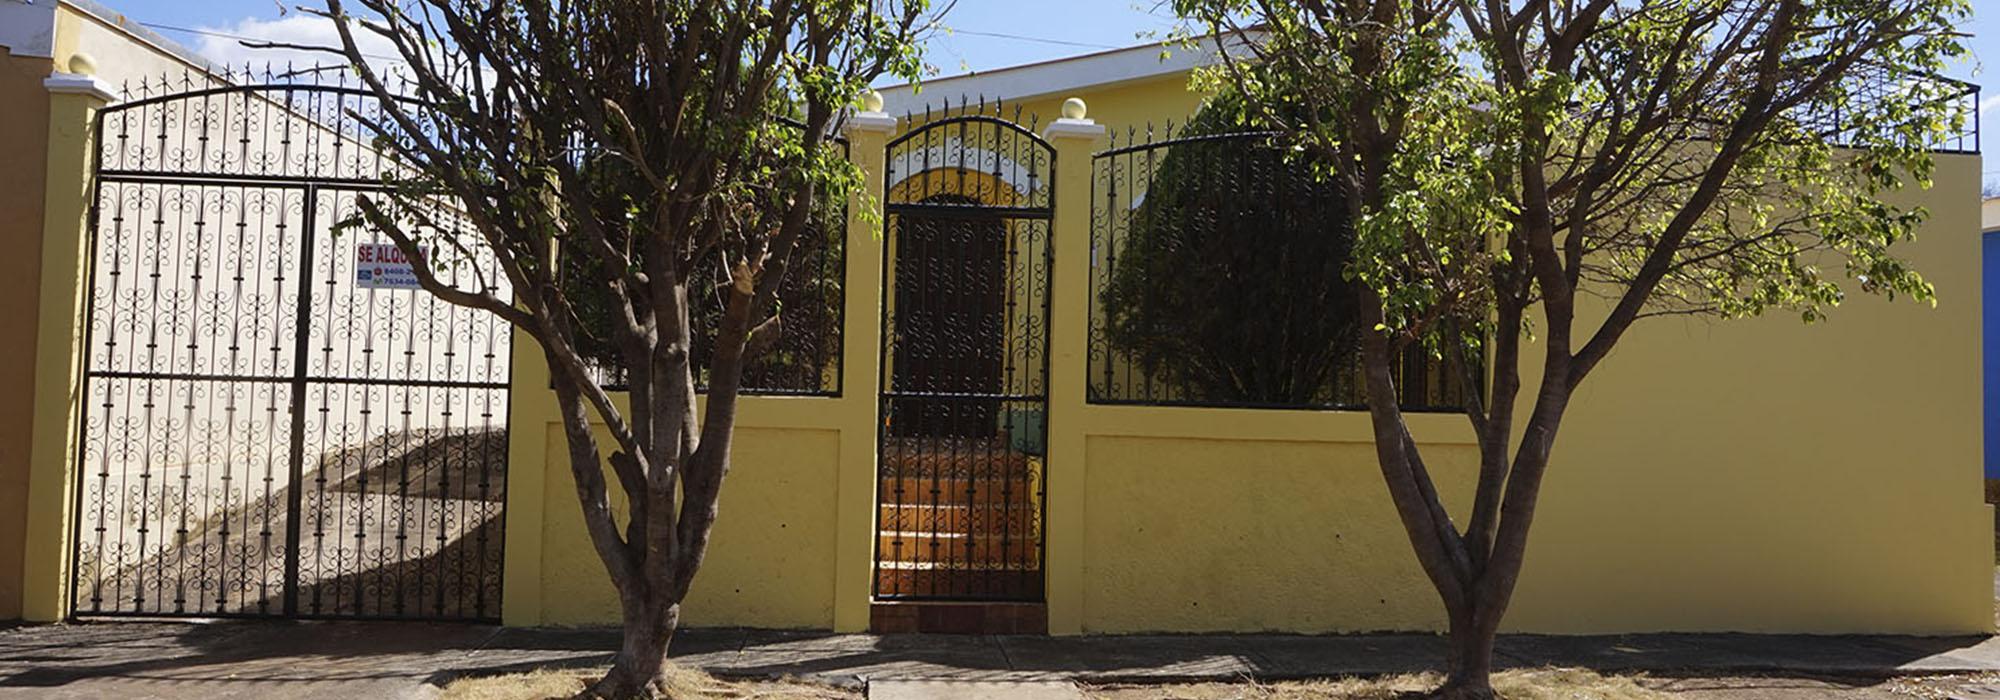 Se renta casa en Residencial Altos de Nejapa